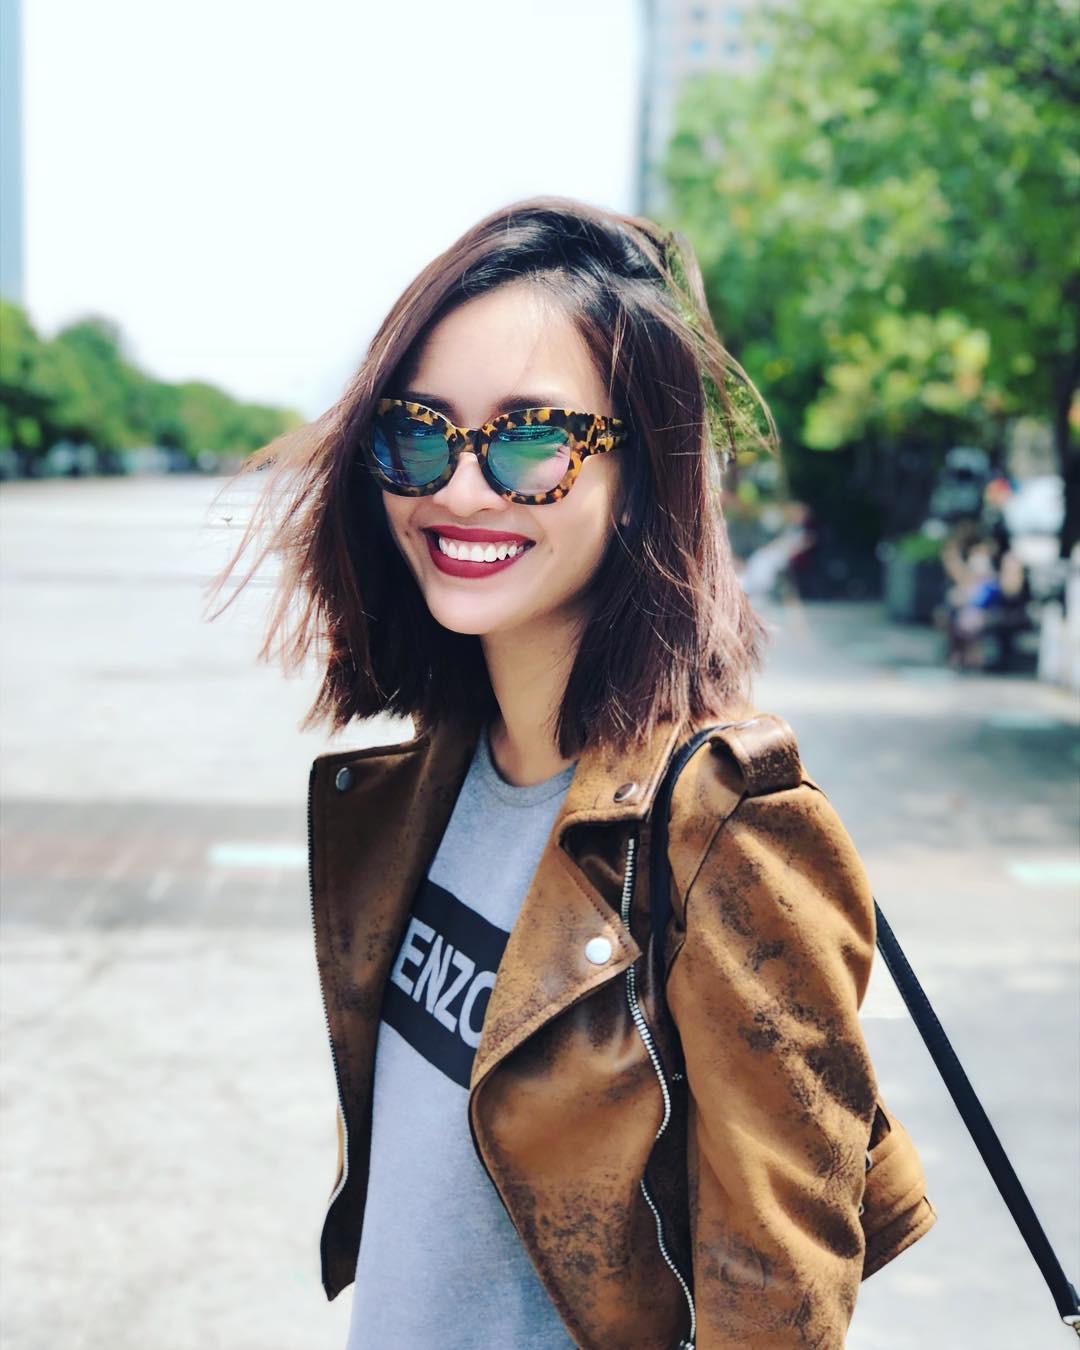 Khi 4 sao nữ Việt này để tóc bob: ai cũng sang và quyến rũ thêm bội phần - Ảnh 8.